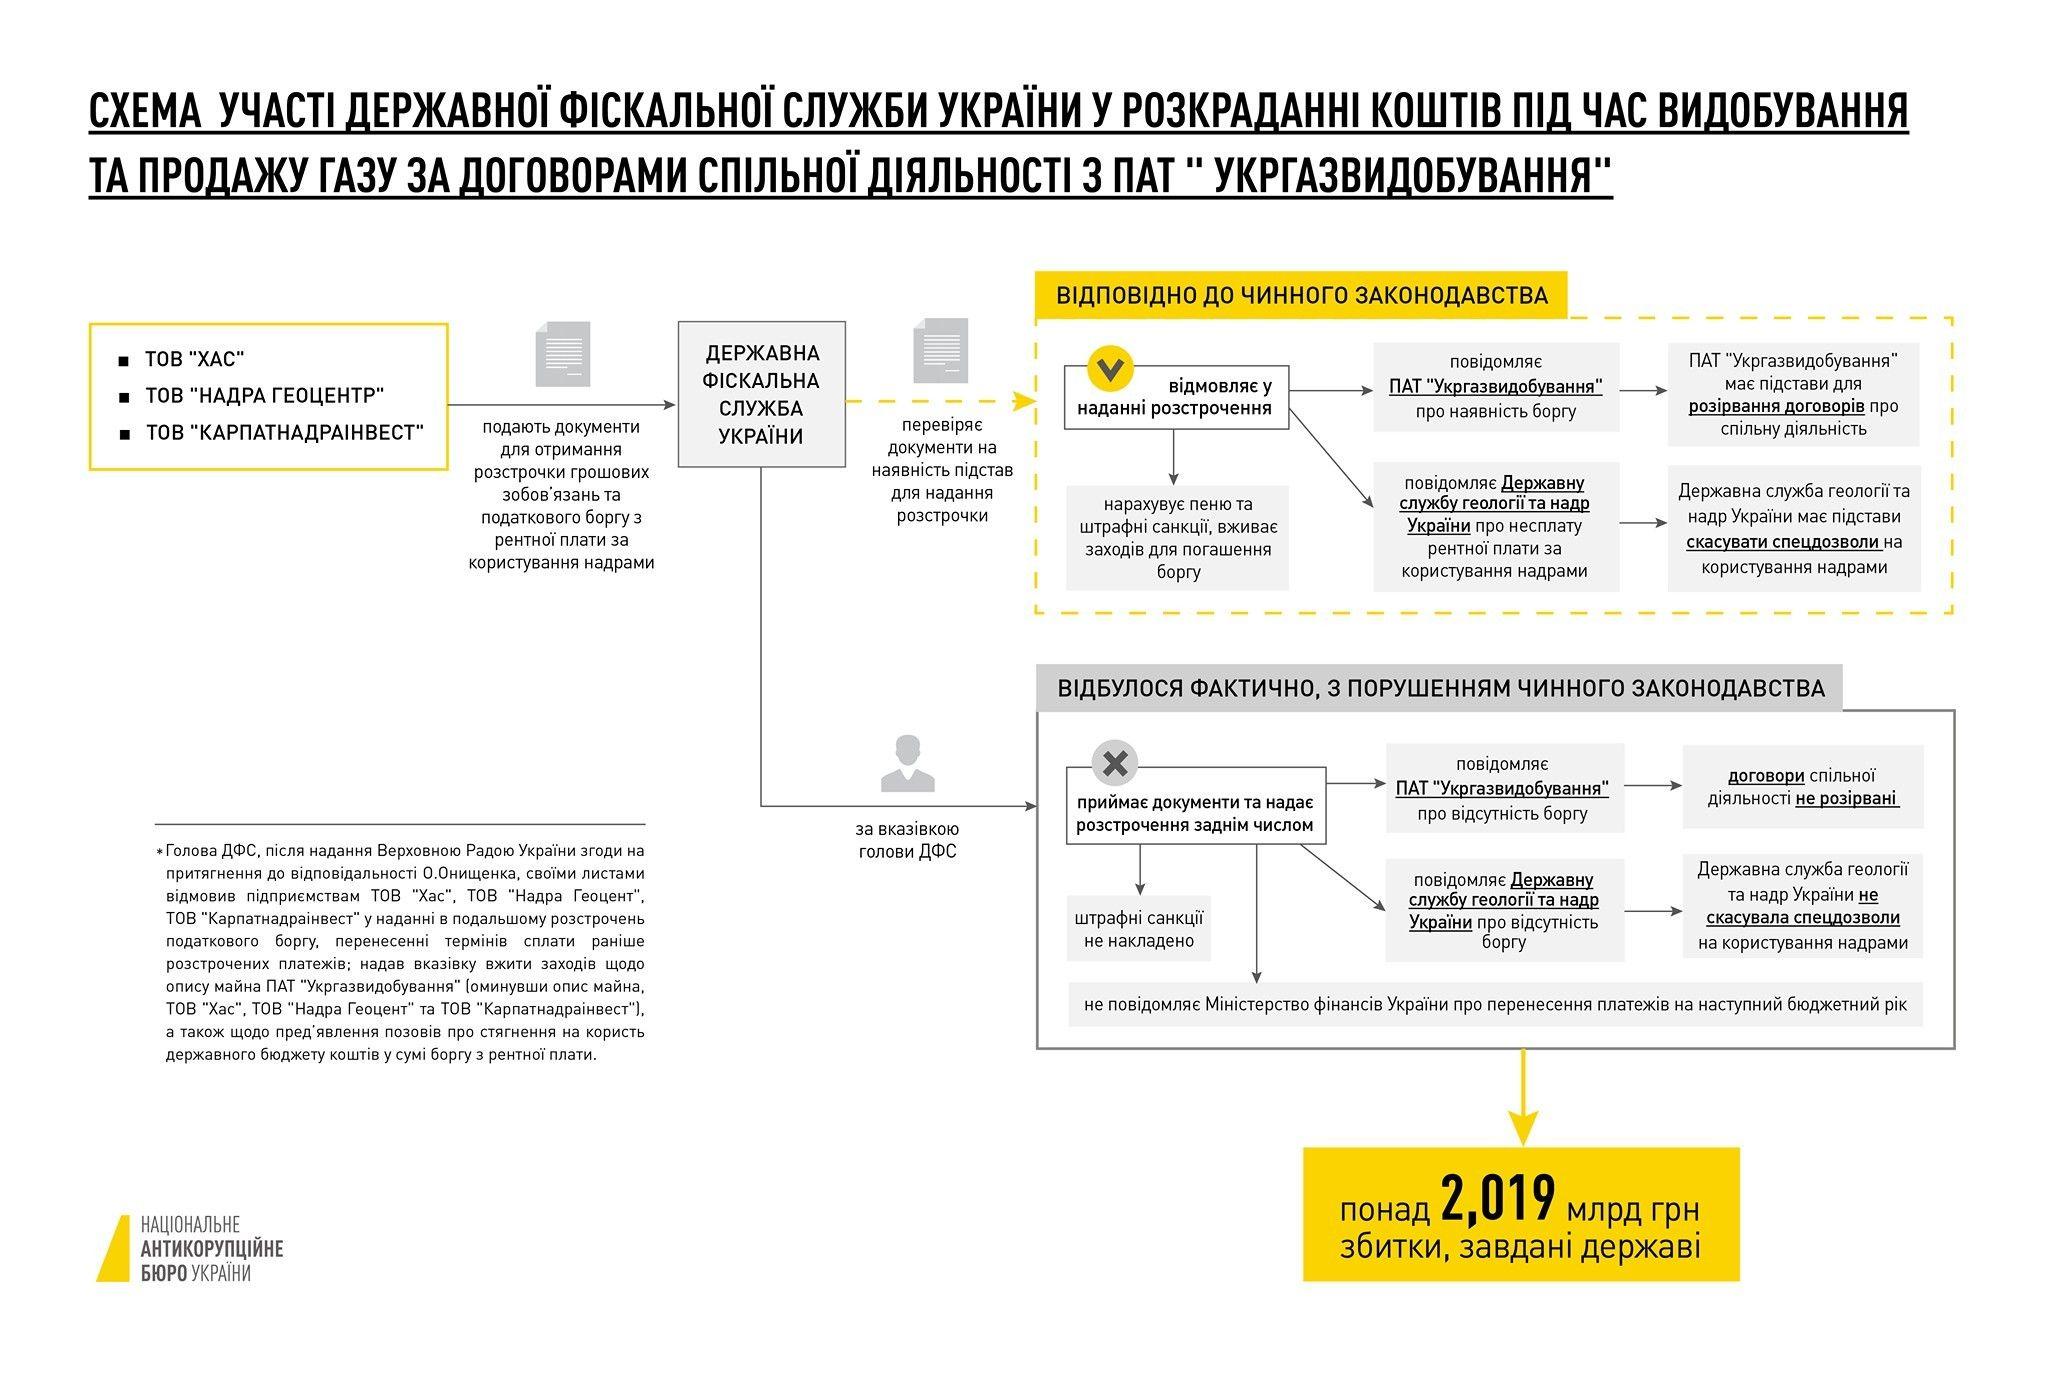 ДФС Насірова в схемах Онищенка